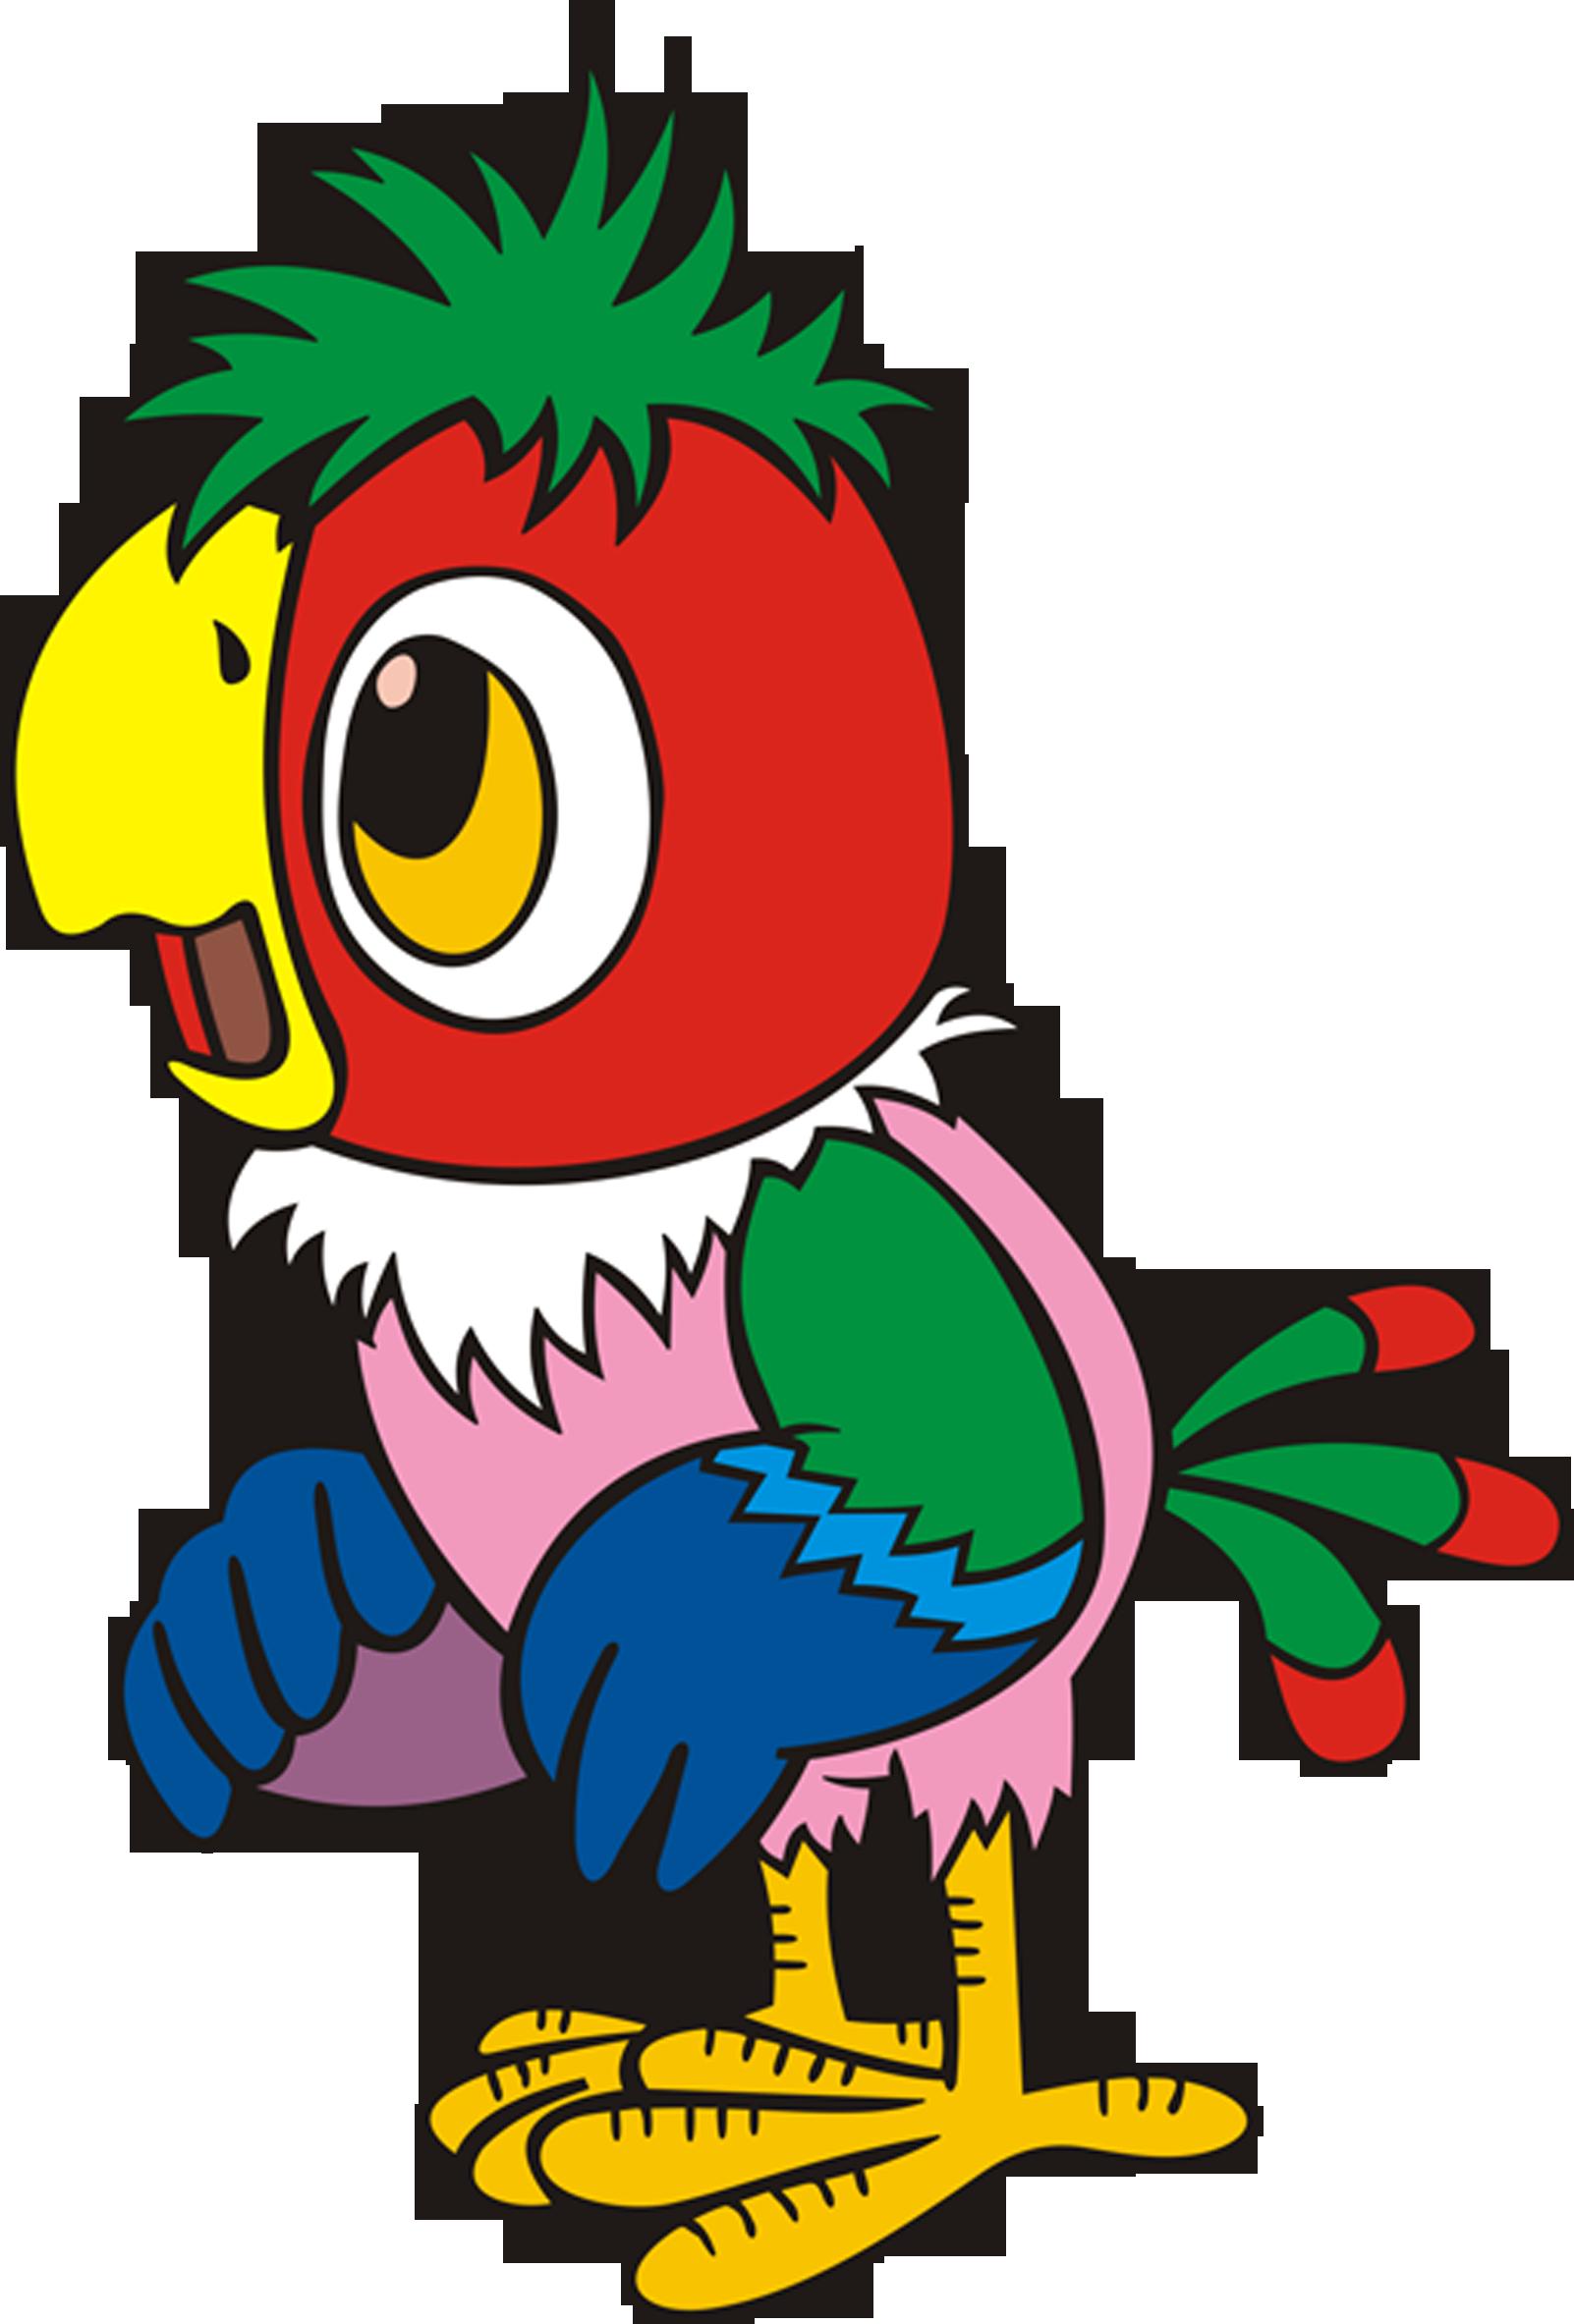 попугай кеша картинка